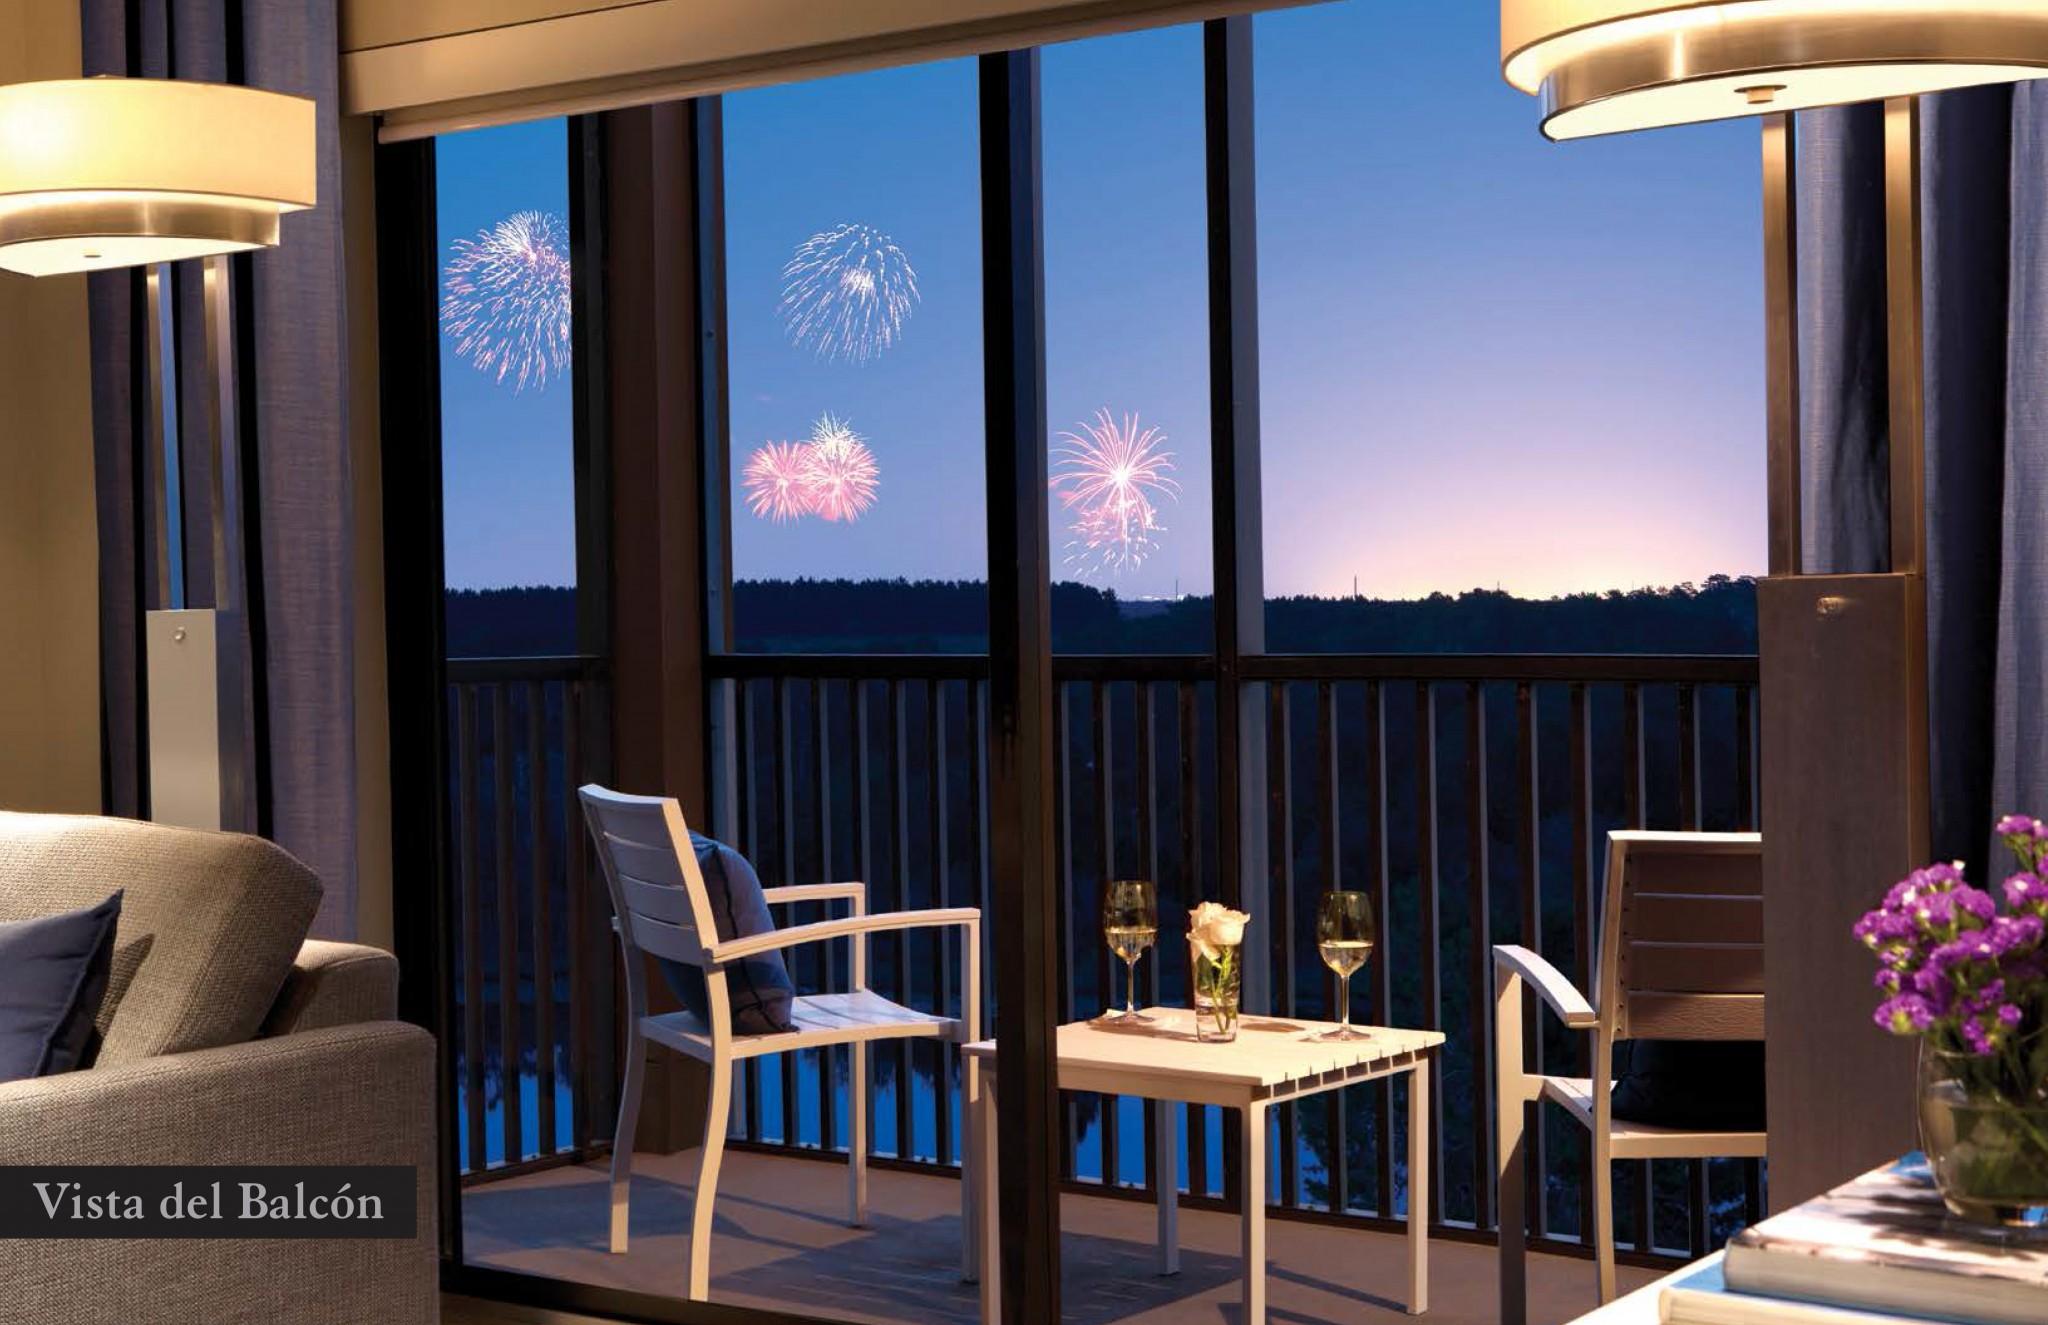 The grove resort spa orlando florida mai r f for A new image salon orlando